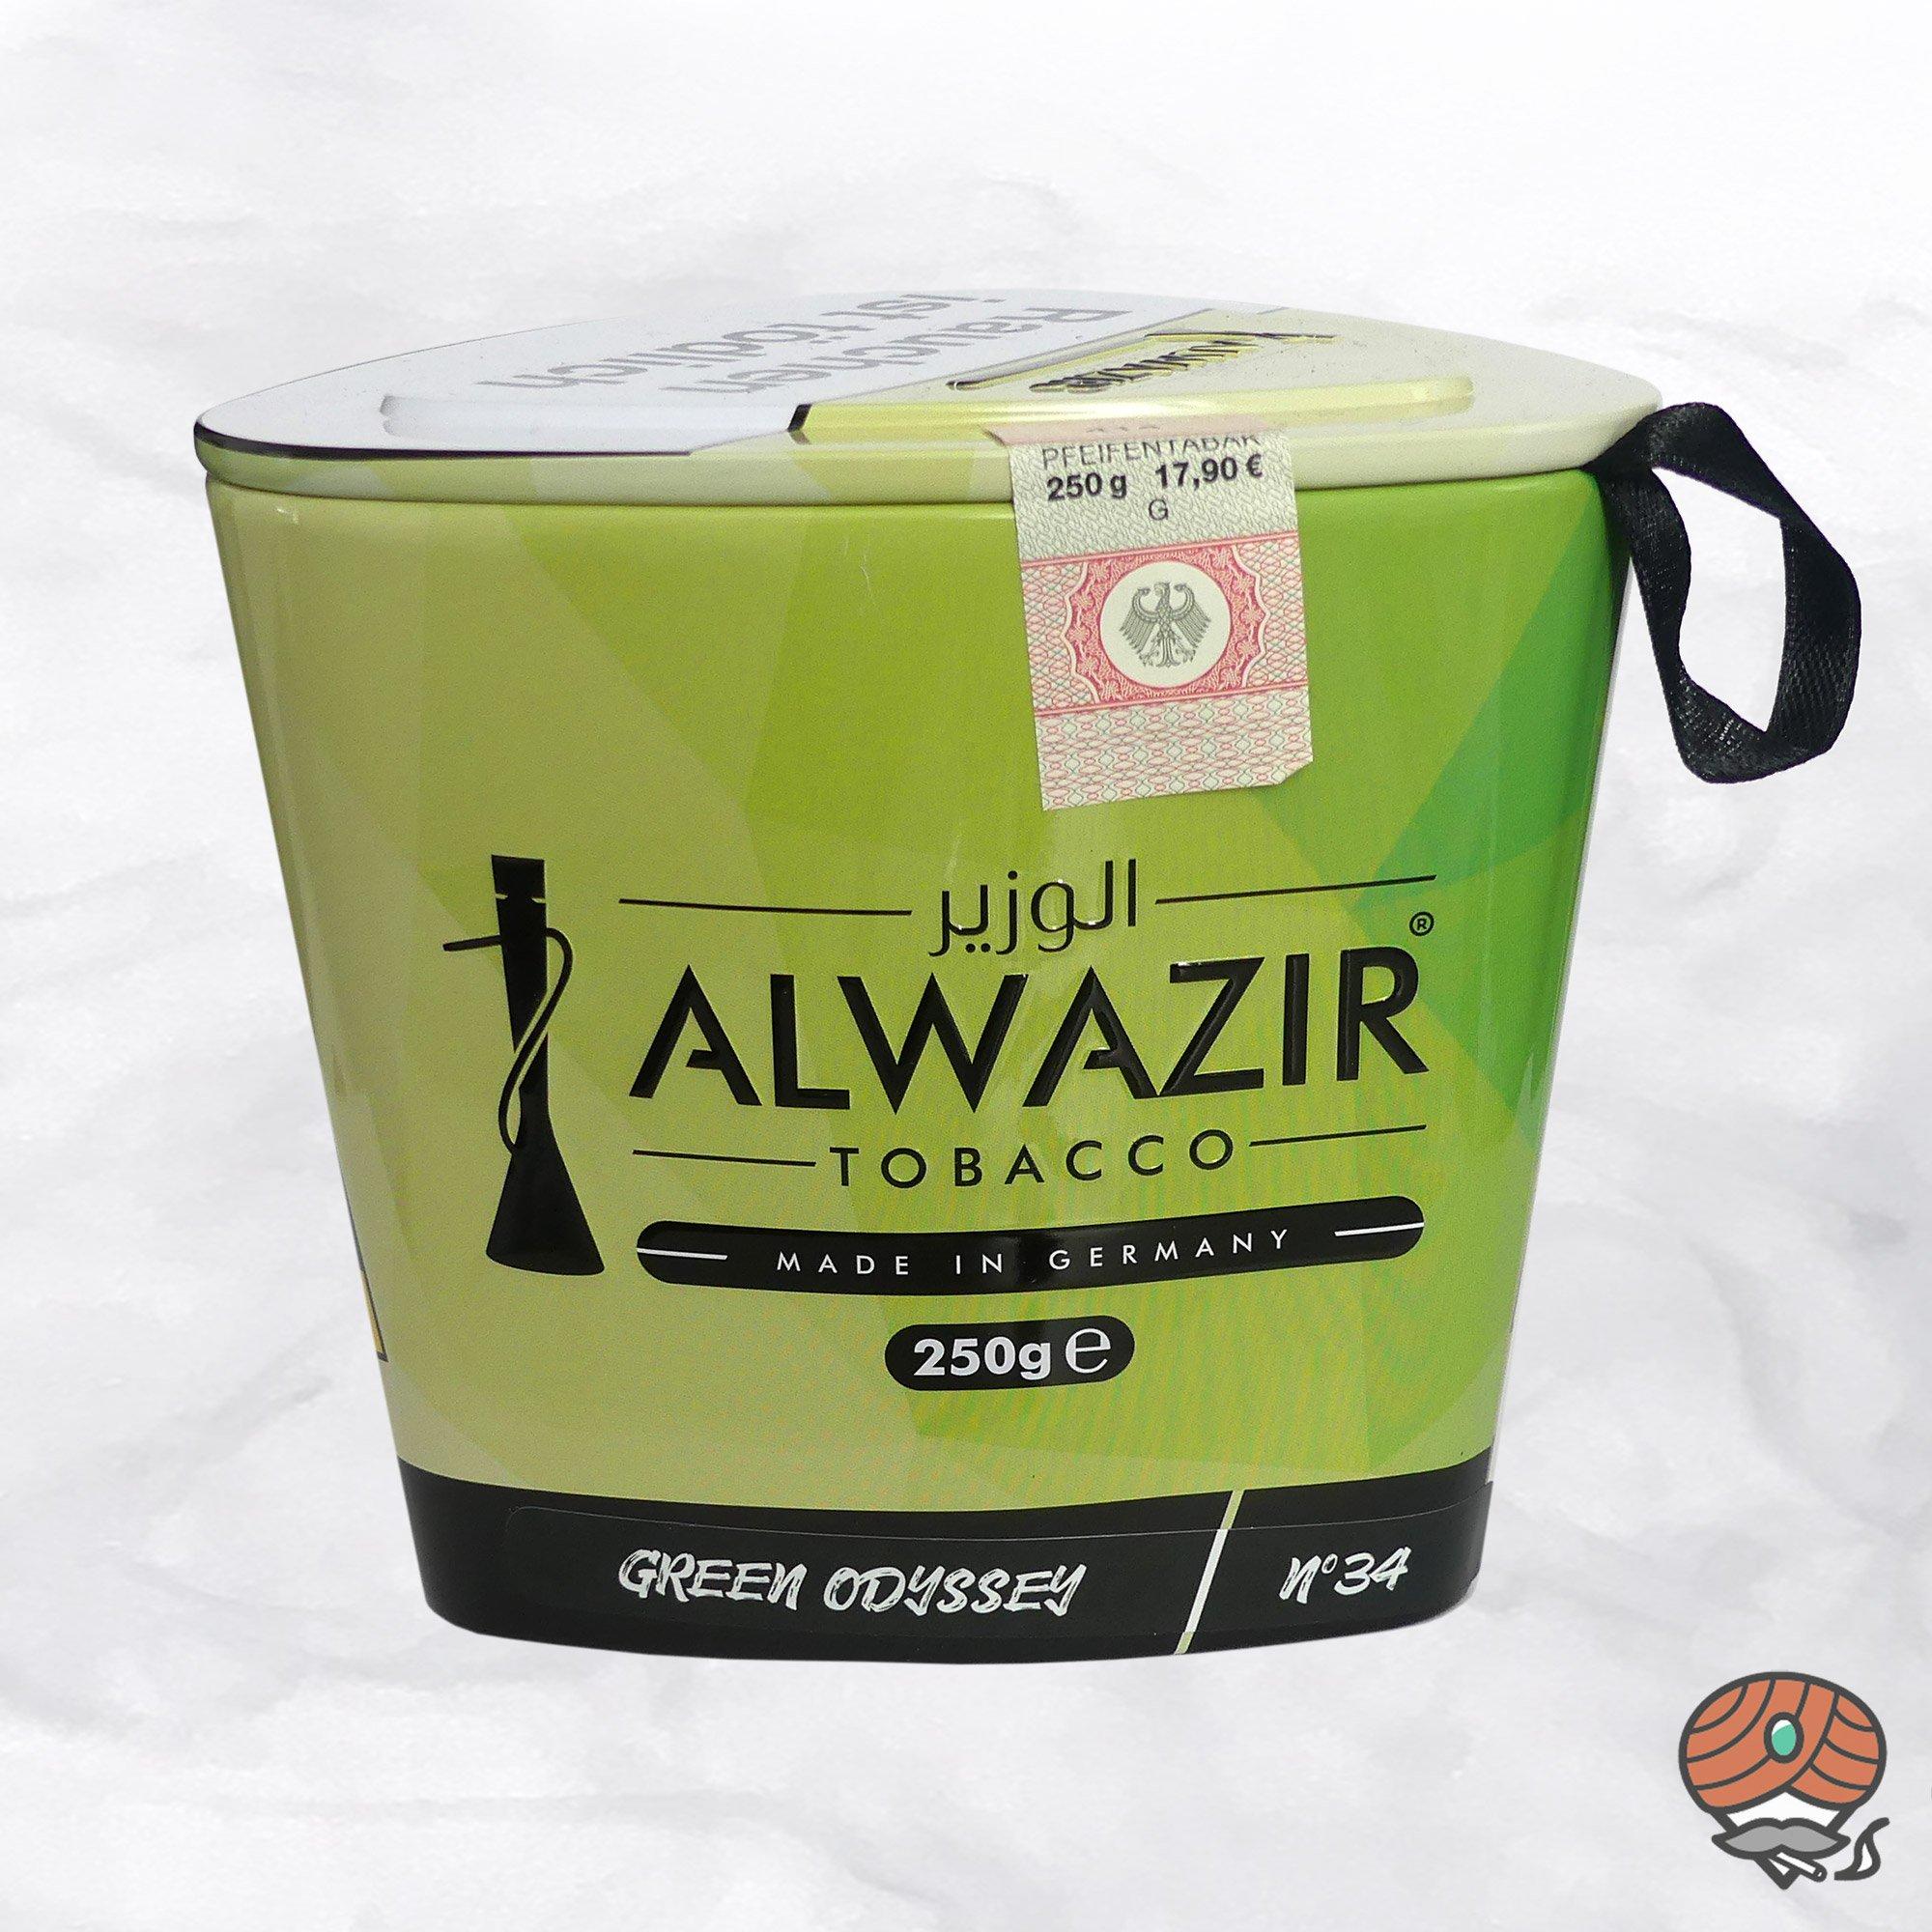 Alwazir Shisha Tabak - No. 34 - GREEN ODYSSEY 250g